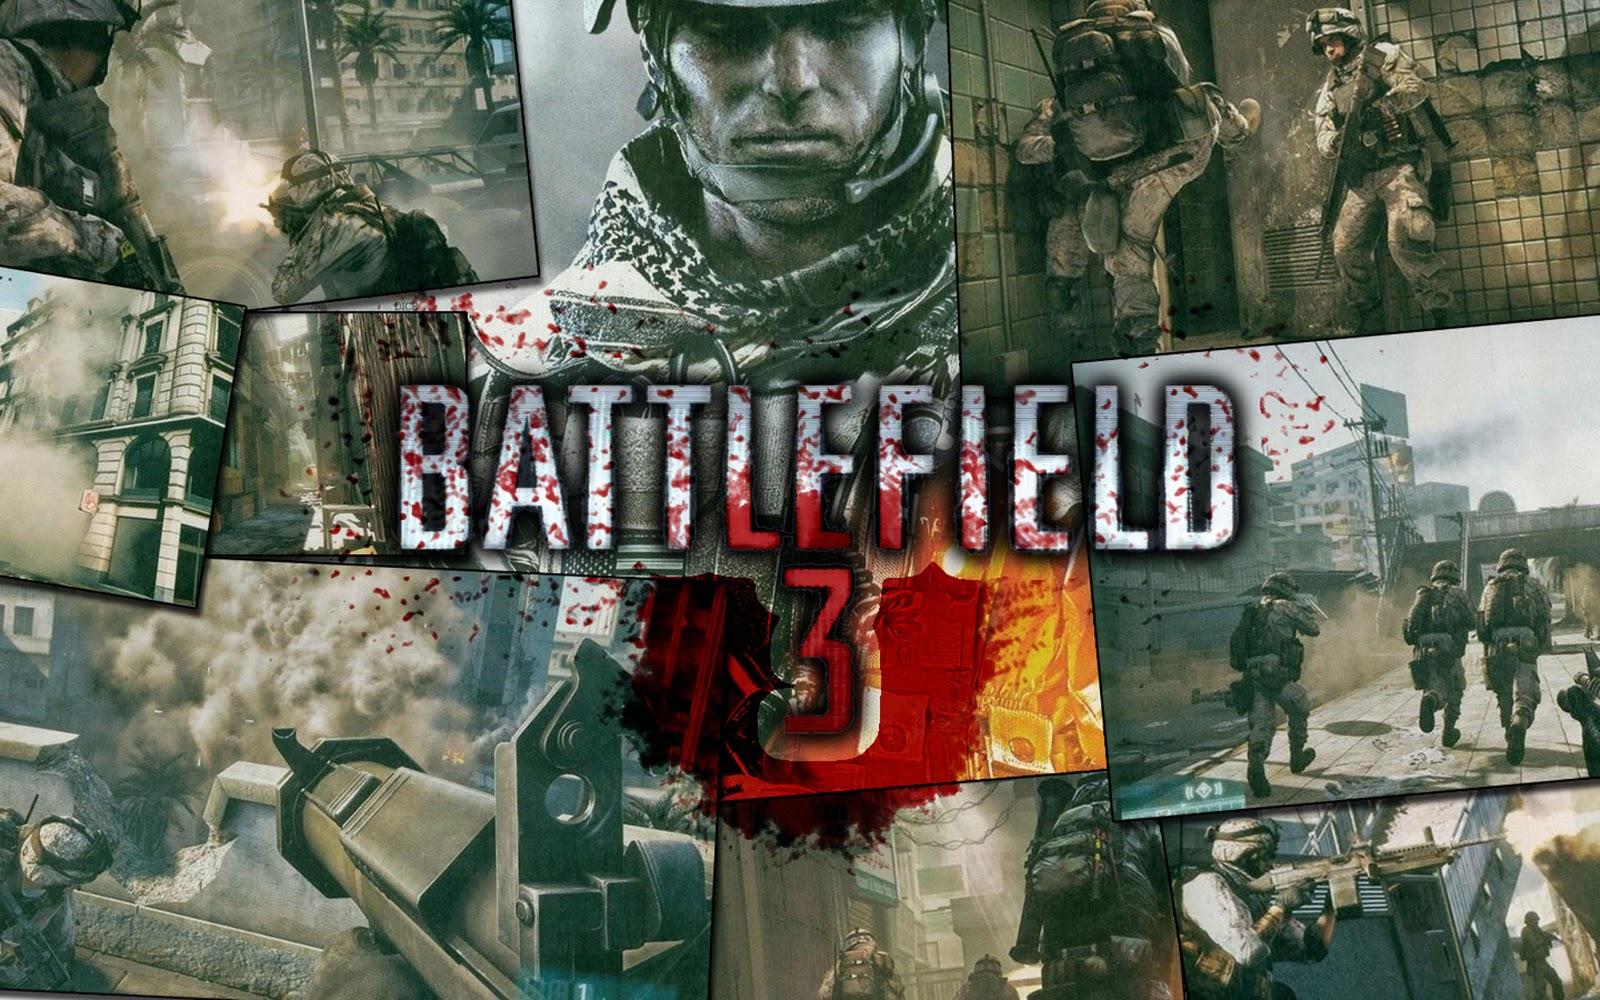 http://1.bp.blogspot.com/-r4YiSGOUJ8s/TpfQNTqbT9I/AAAAAAAABSw/cAqCGDowlok/s1600/battlefield_3_wallpaper.jpg